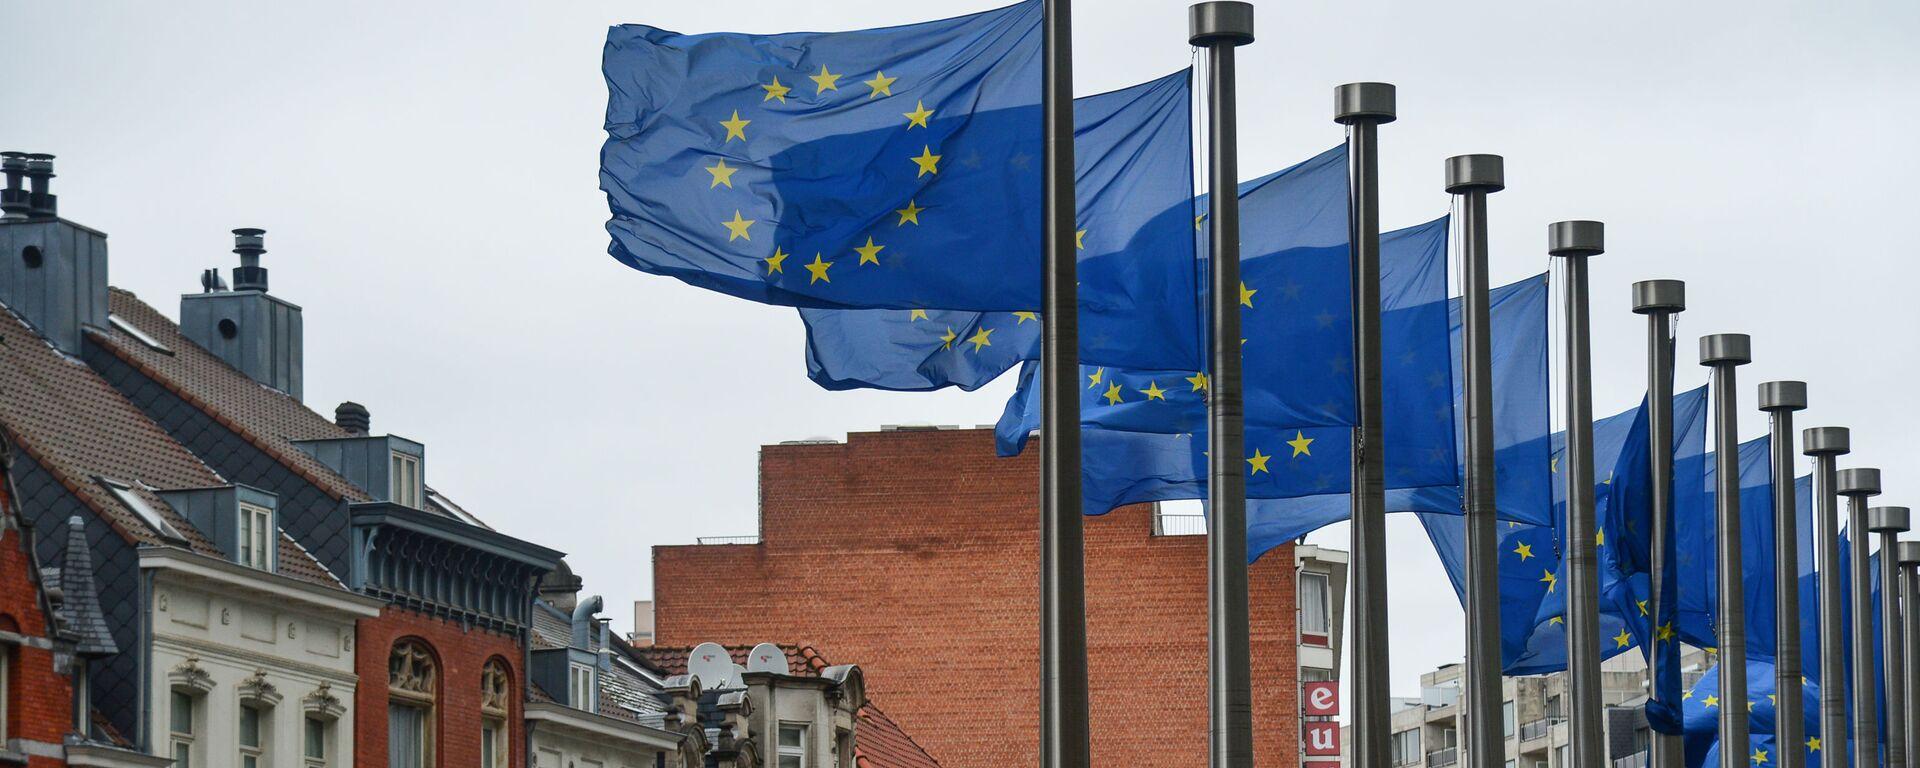 Flagi z symboliką UE przed budynkiem Komisji Europejskiej w Brukseli - Sputnik Polska, 1920, 04.06.2021